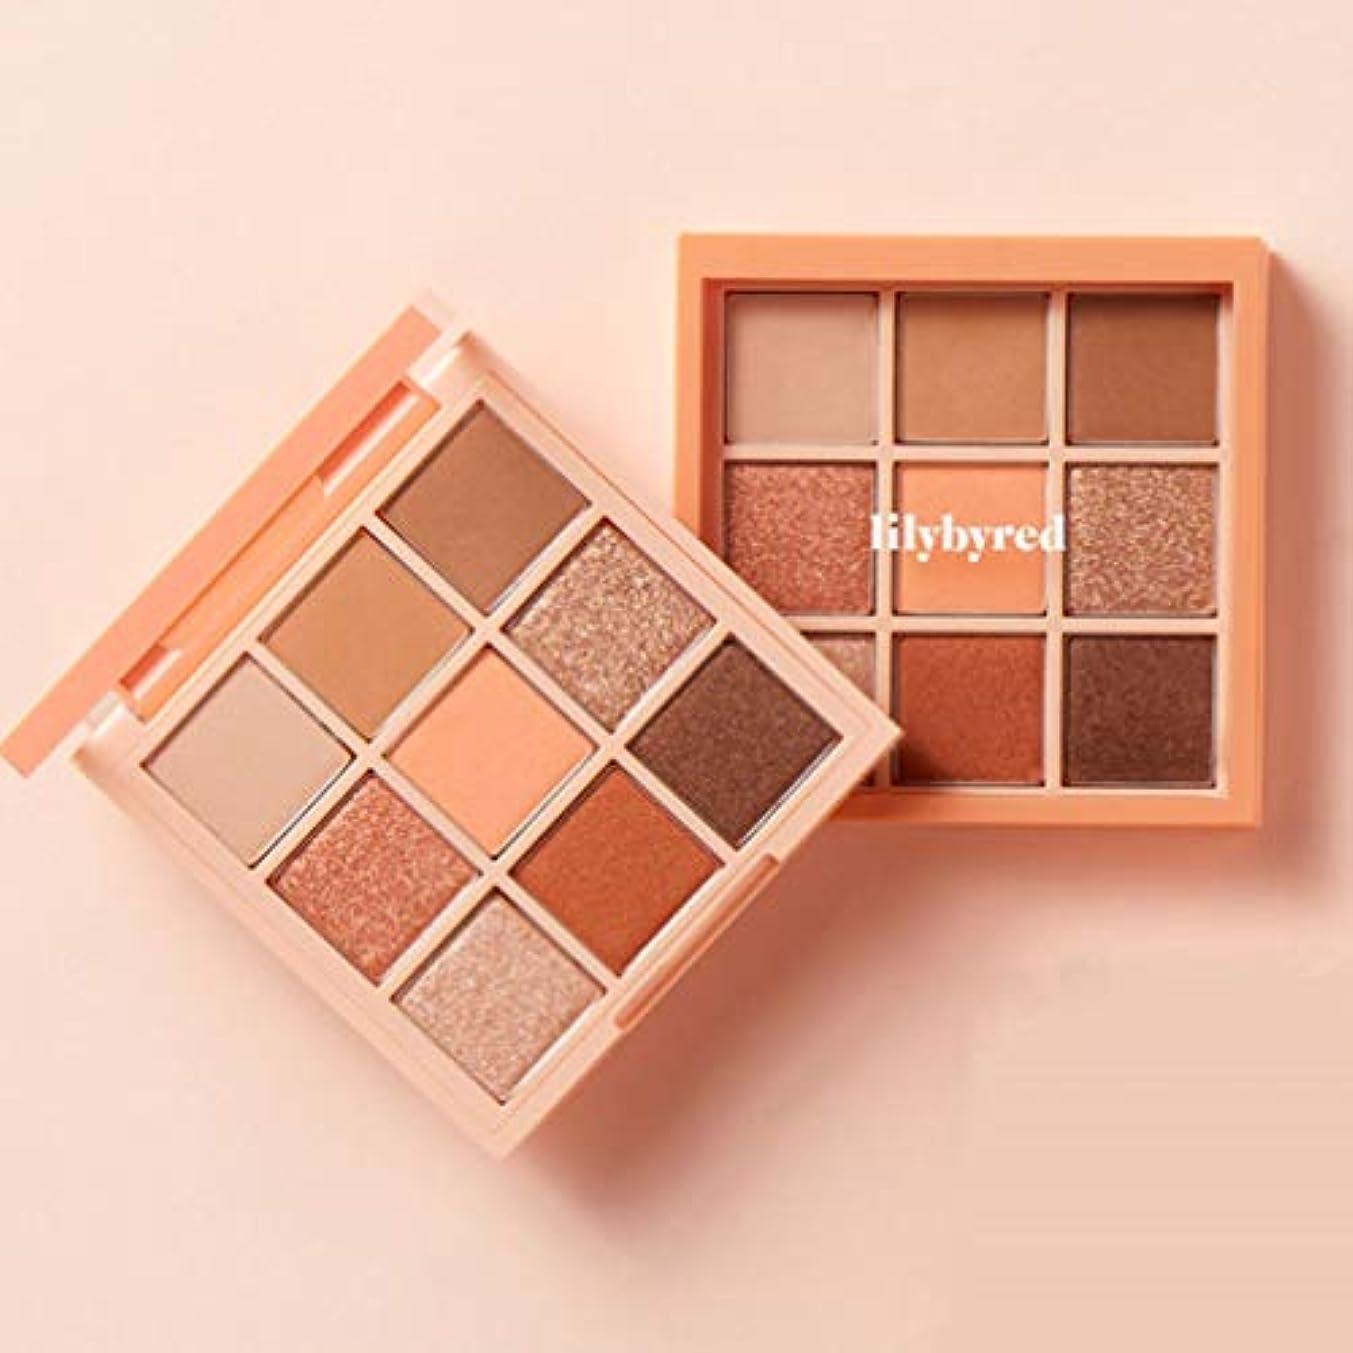 オゾン同意する偏差LILYBYRED Mood Cheat Kit Eyeshadow Palette #Peach Energy 告発色、高密着、告知の中独歩的な高クオリティアイシャドウパレット9color(並行輸入品)